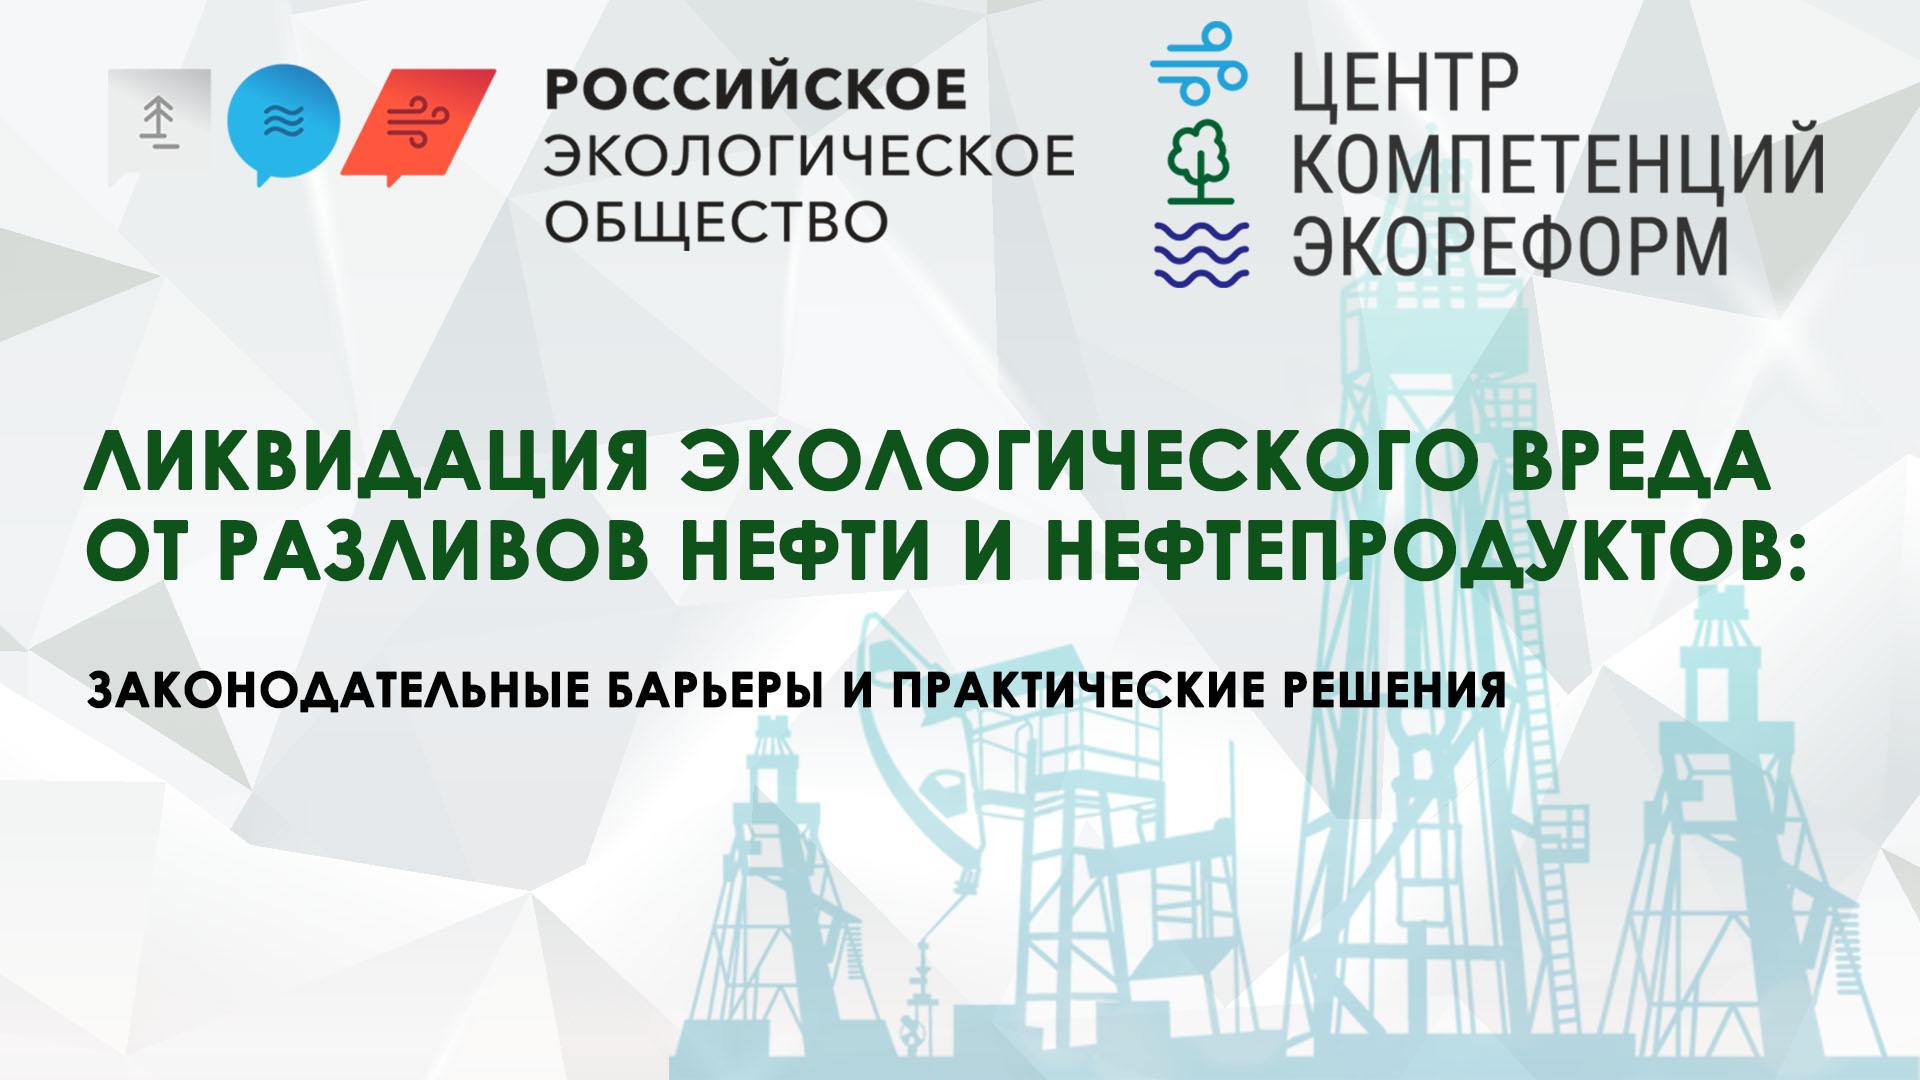 Ликвидация экологического вреда от разливов нефти и нефтепродуктов: законодательные барьеры и практические решения